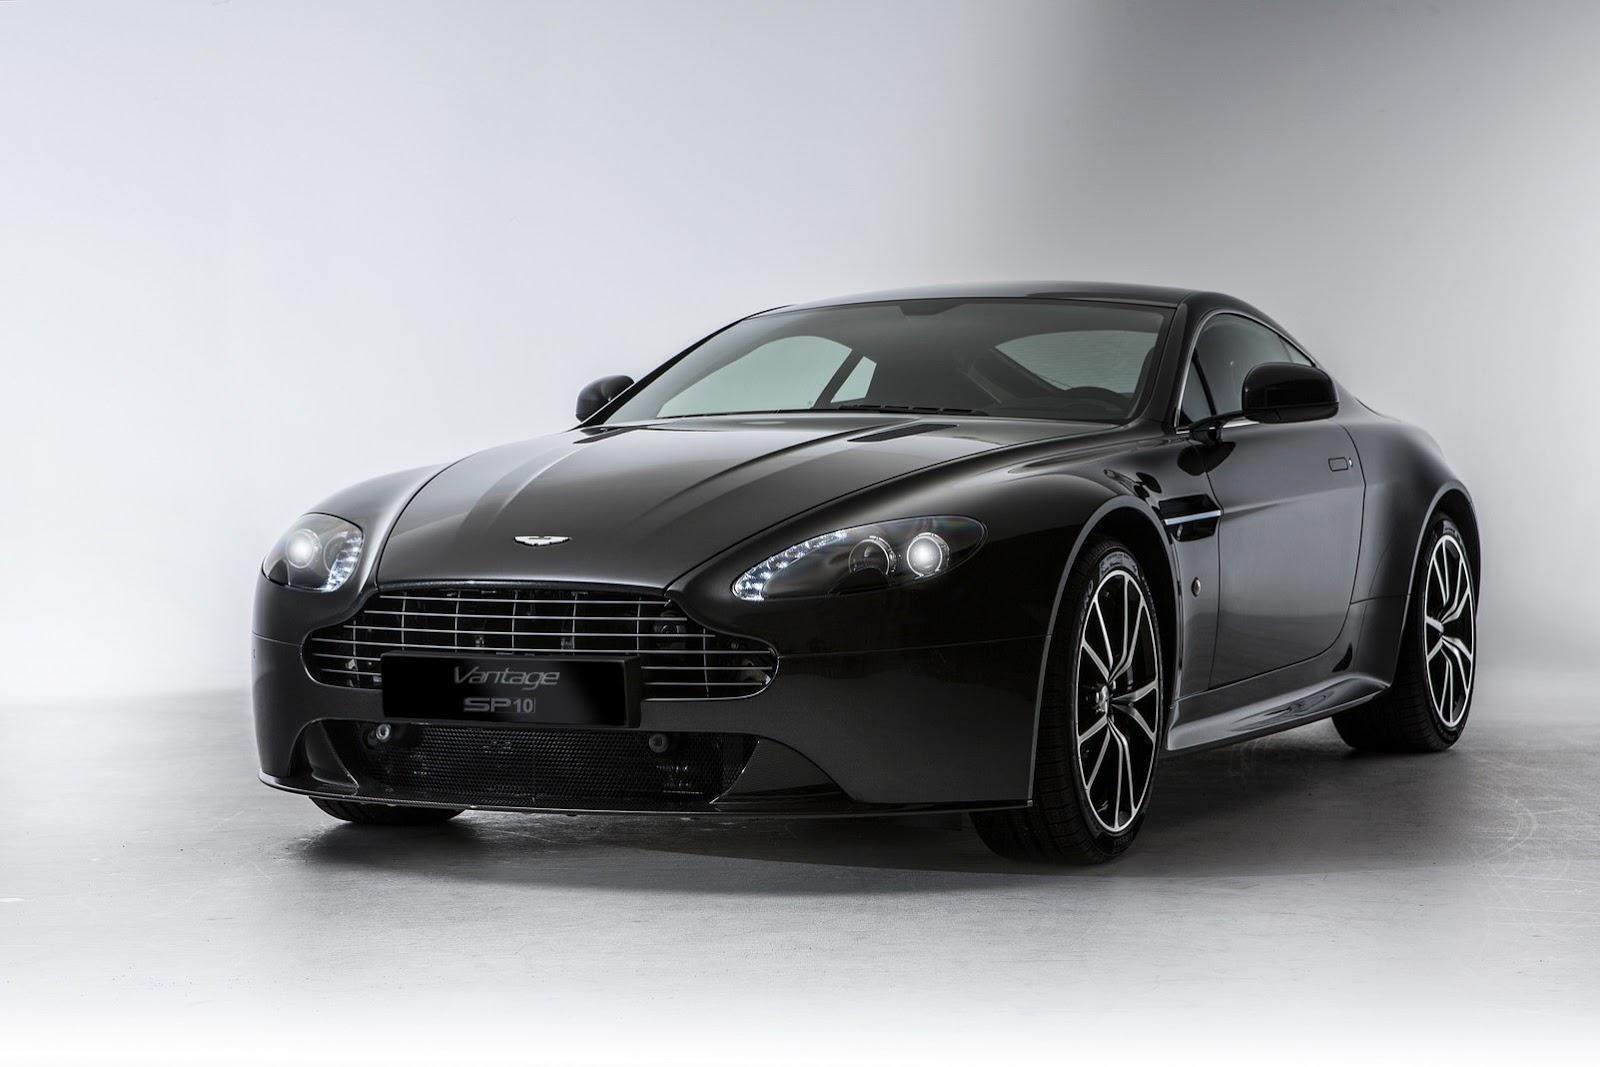 Aston-Martin-Vantage-SP10-01